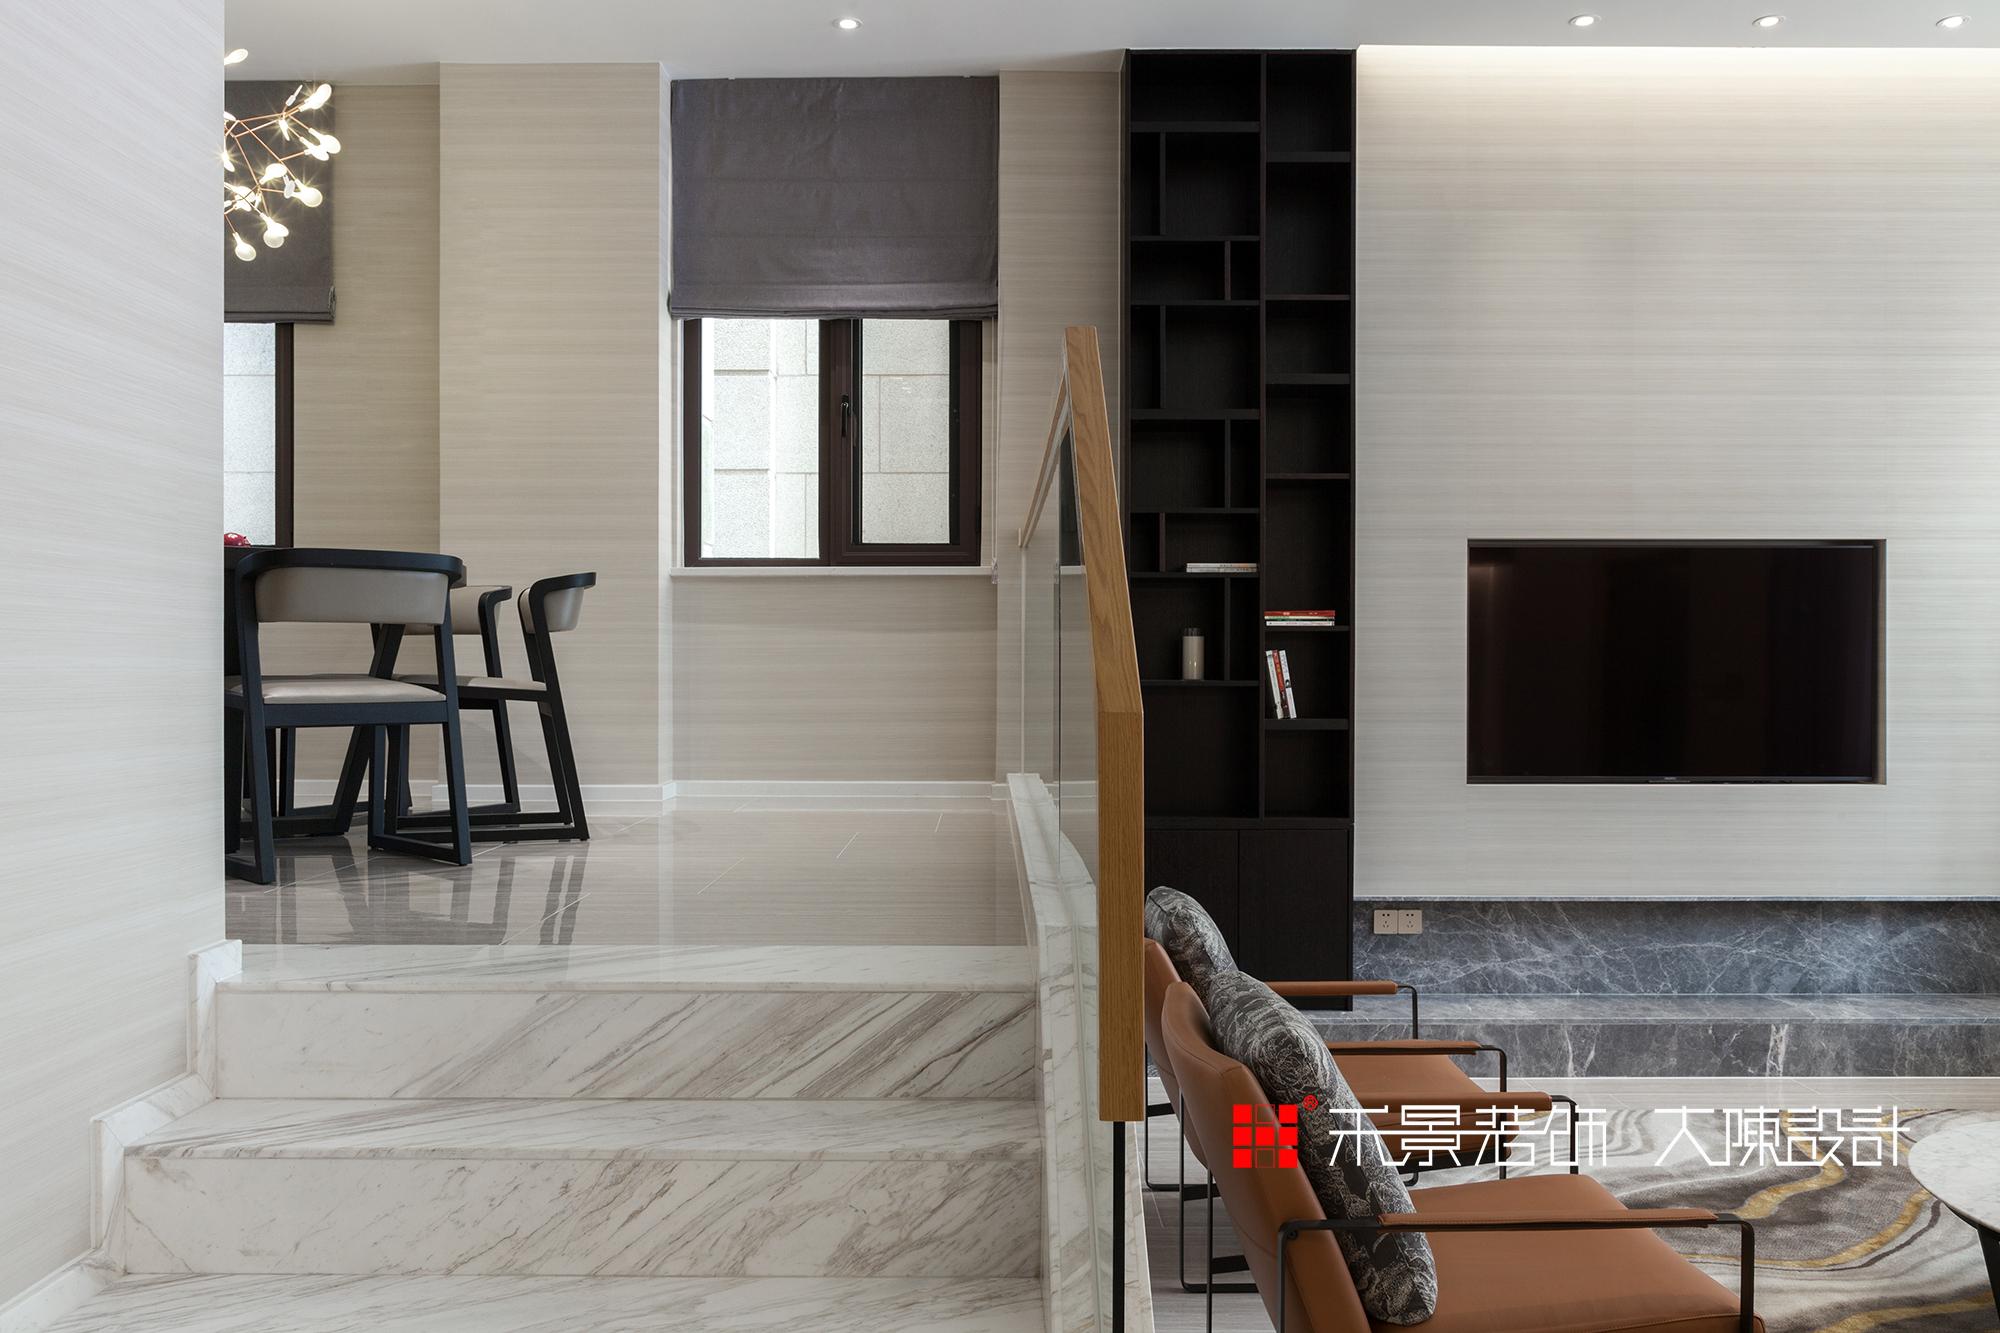 别墅 小资 餐厅图片来自禾景大陈设计在禾景作品丨适度设计,顺势而为的分享